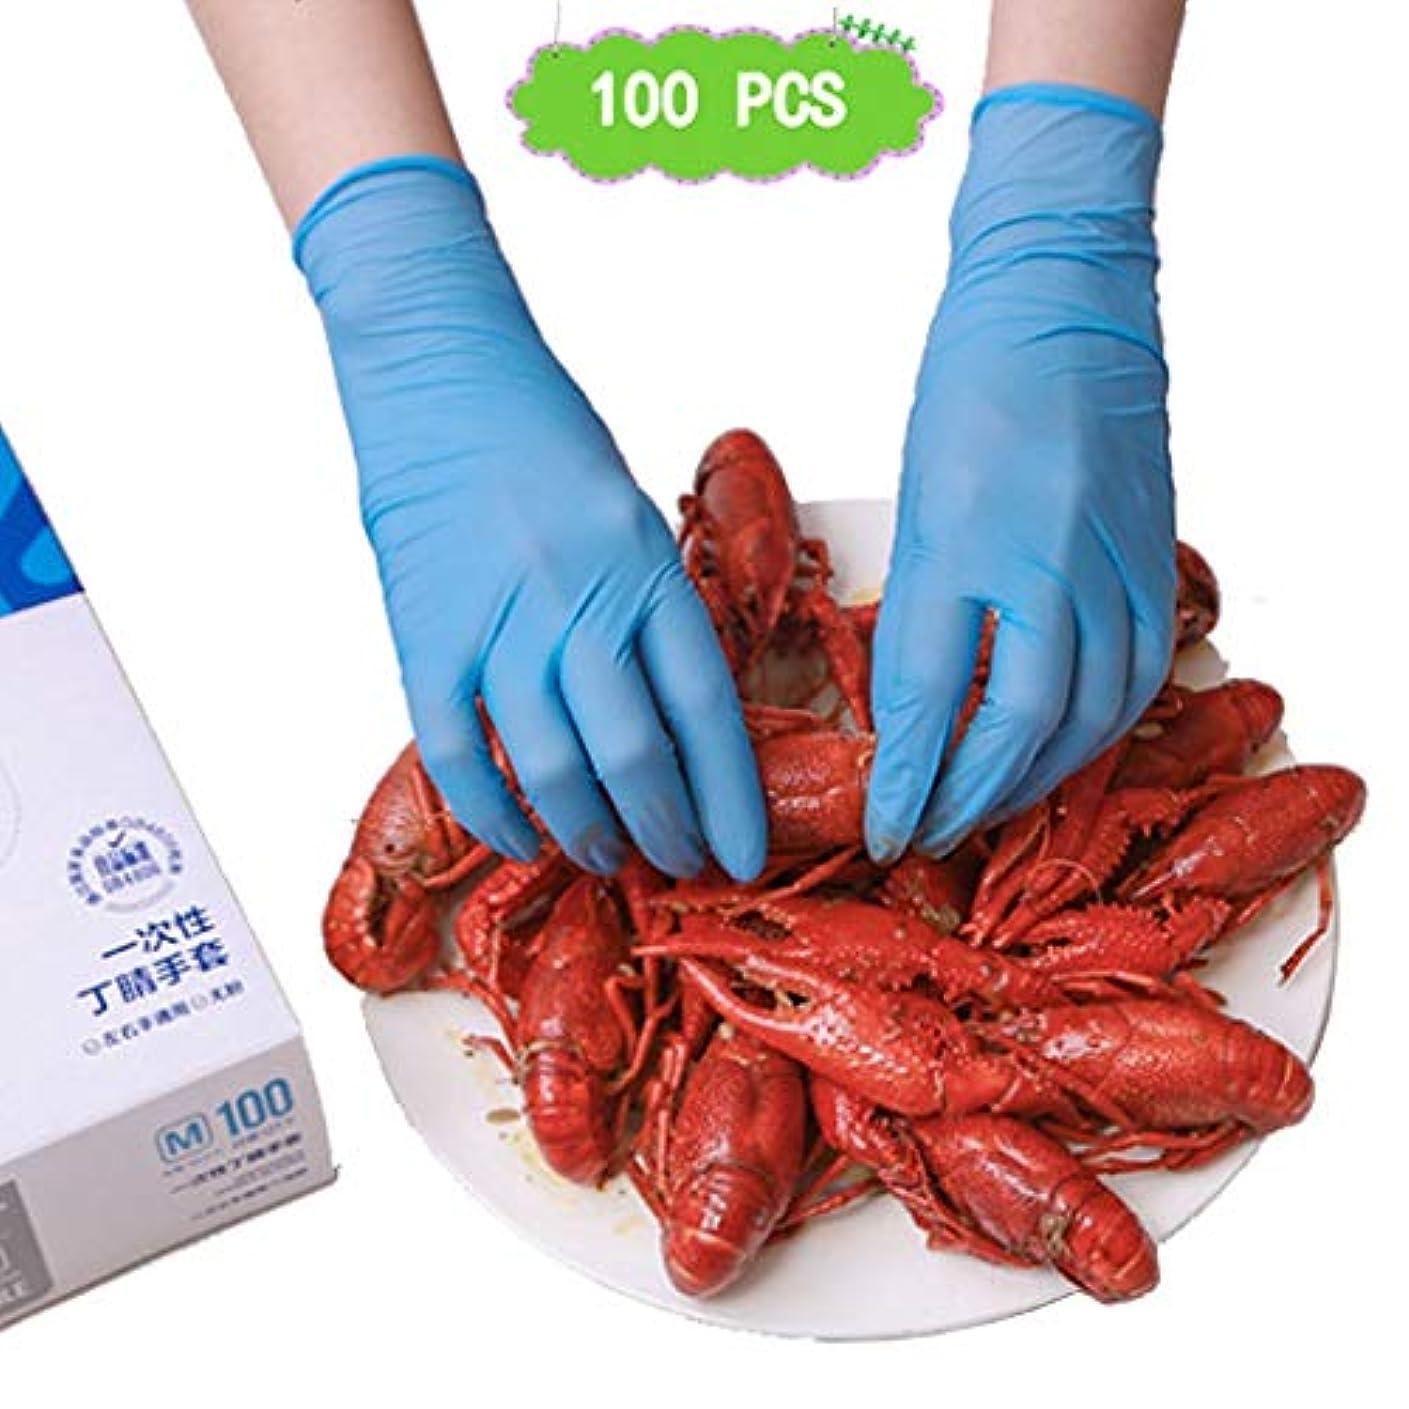 信条海対人ニトリル手袋、滑り止め使い捨て手袋ペットケアブルーフィンガーヘンプキッチンクリーニングエビビューティーサロンラテックスフリー、ダークブルーパウダーフリー、100個 (Size : S)